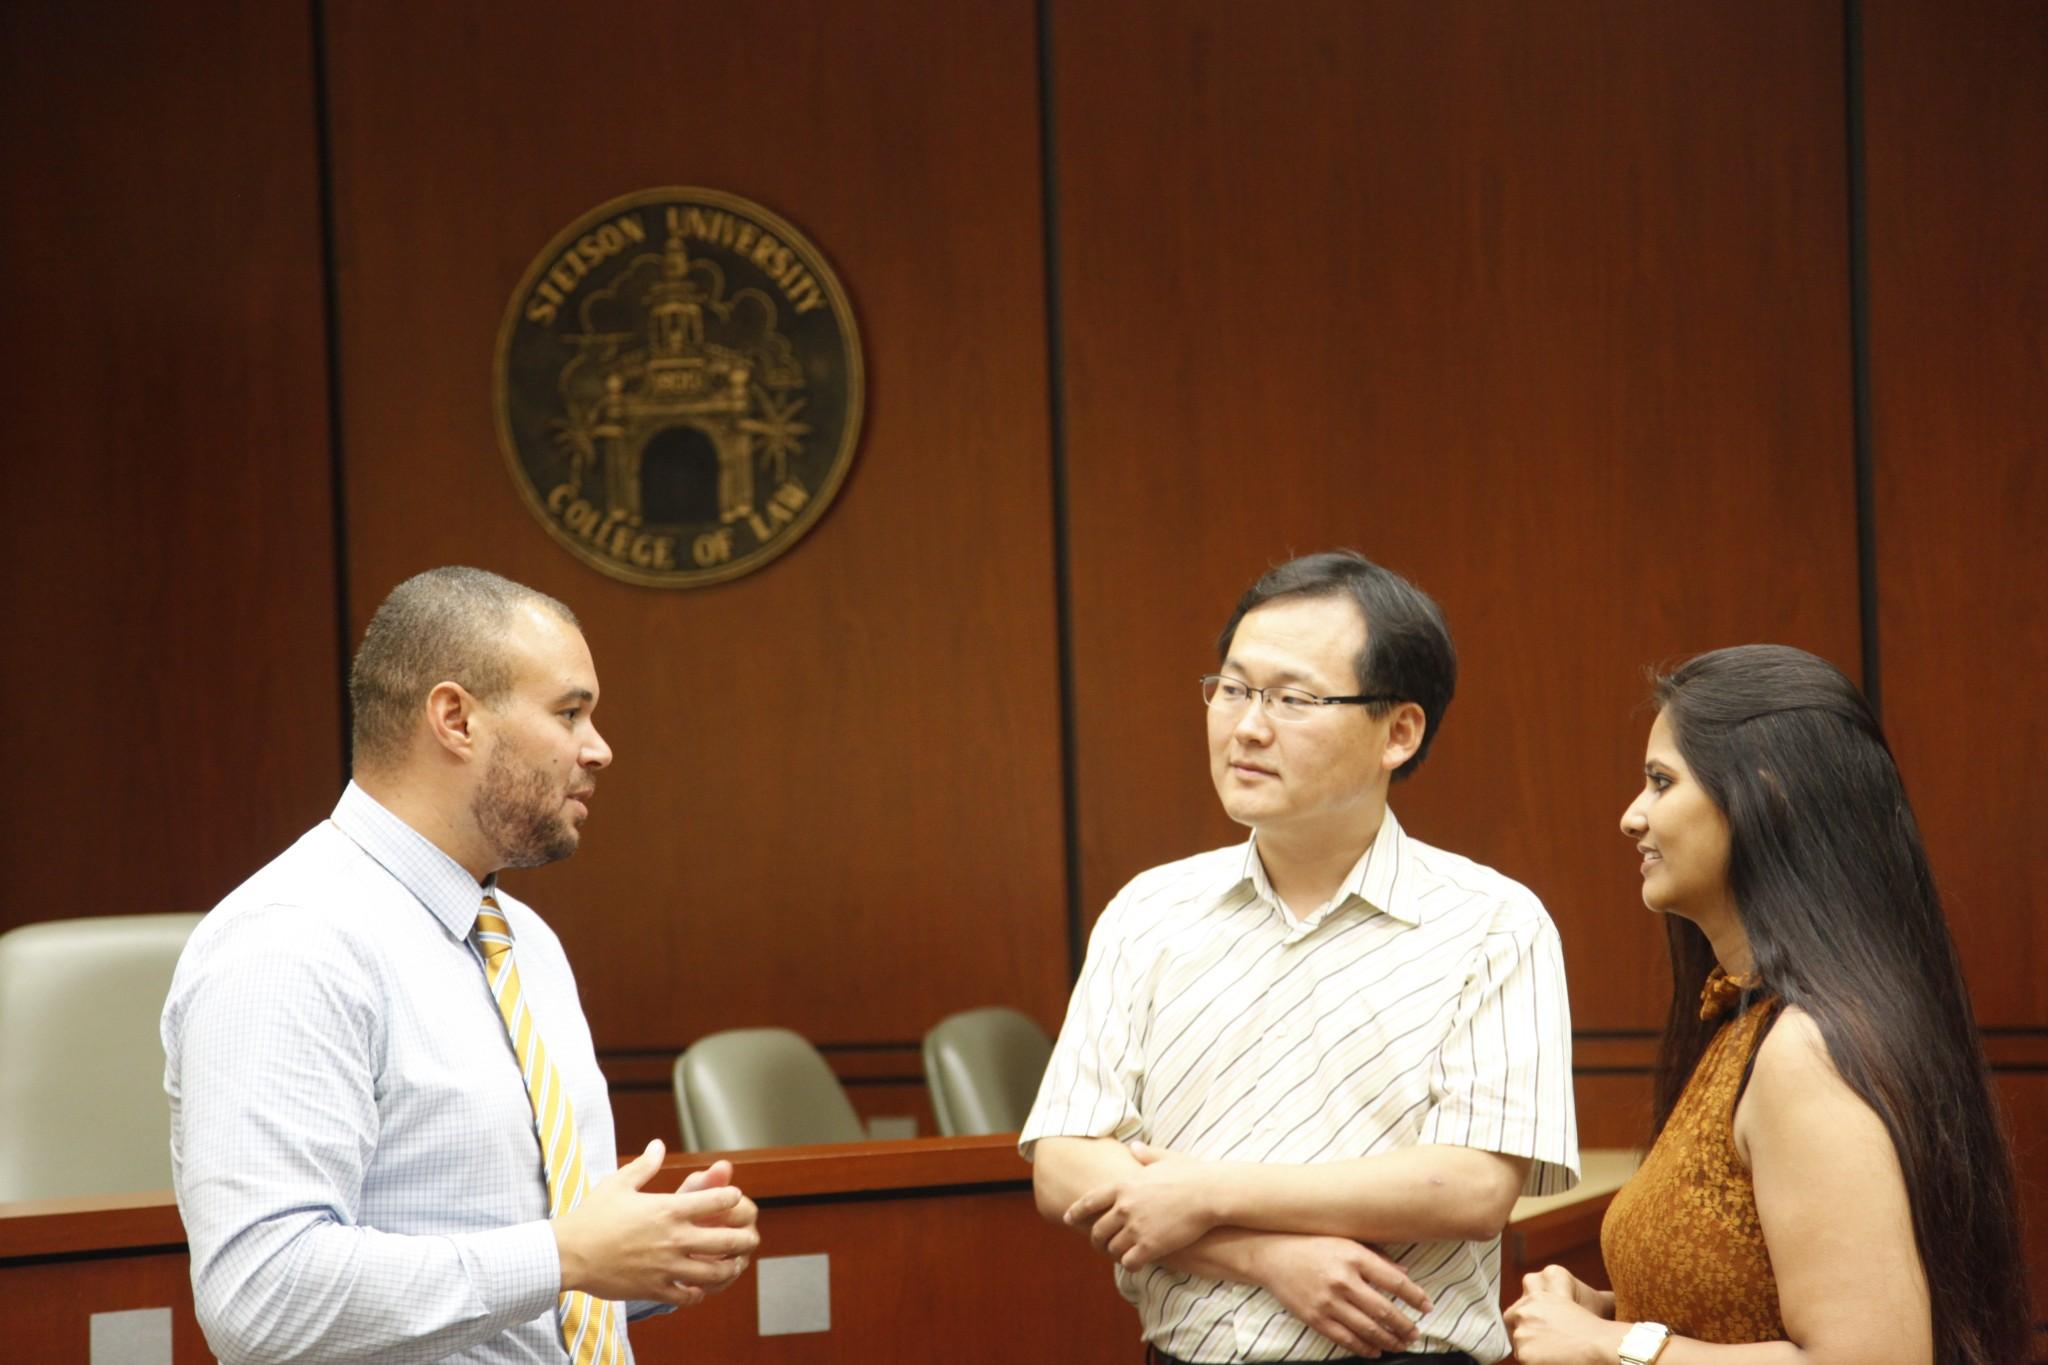 jr_students_courtroom.jpg